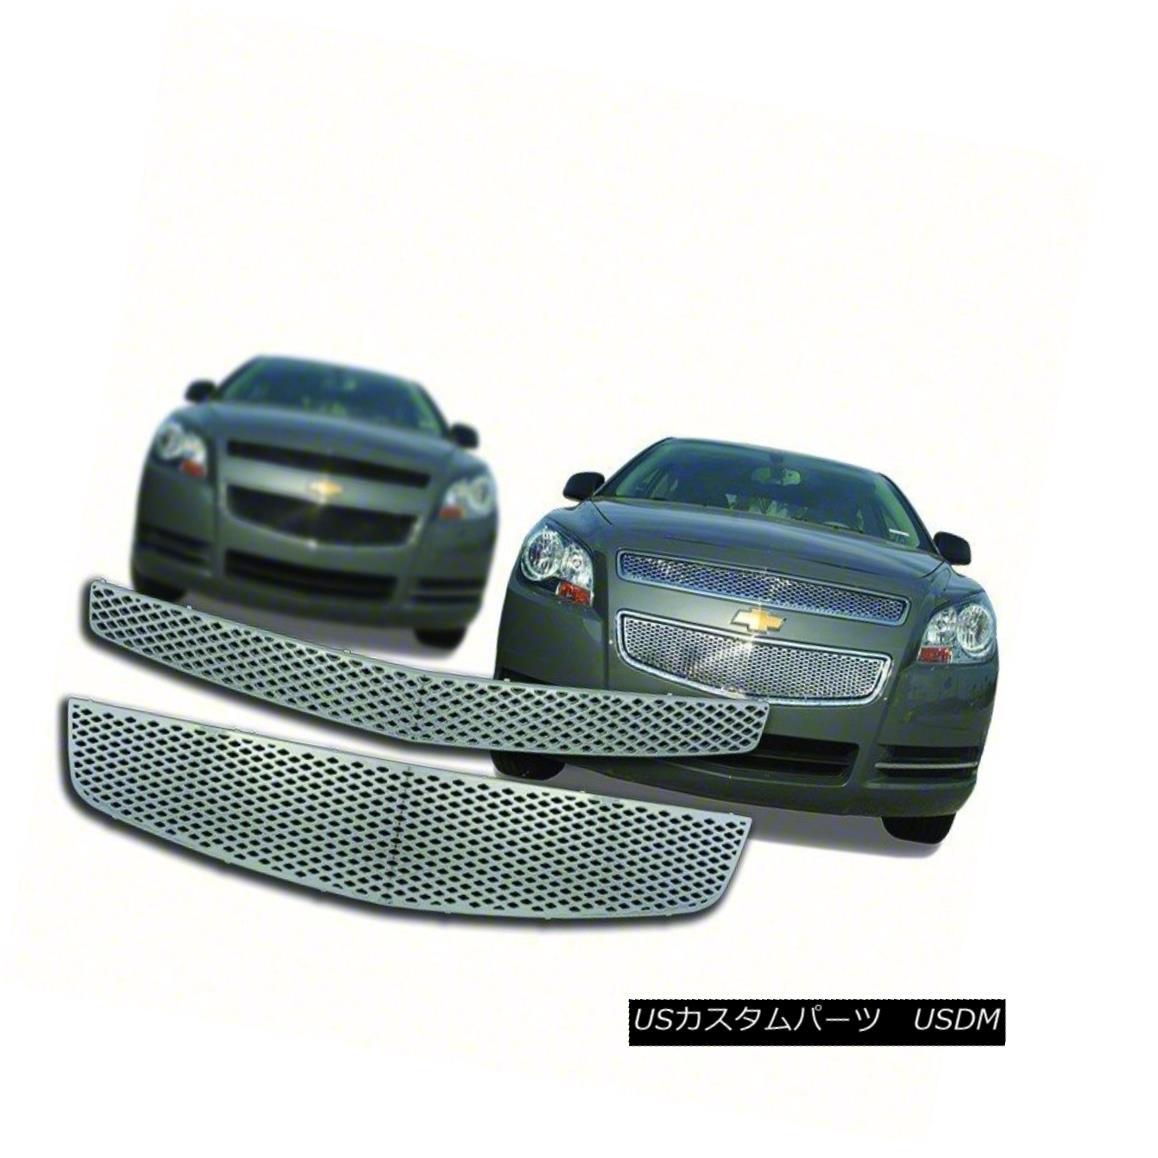 グリル IWCGI68-Chrome Grille Overlay-Fits 2008-12 Chevrolet Malibu IWCGI68-クロームグリルオーバーレイ - 適合2008-12 Chevrolet Malibu